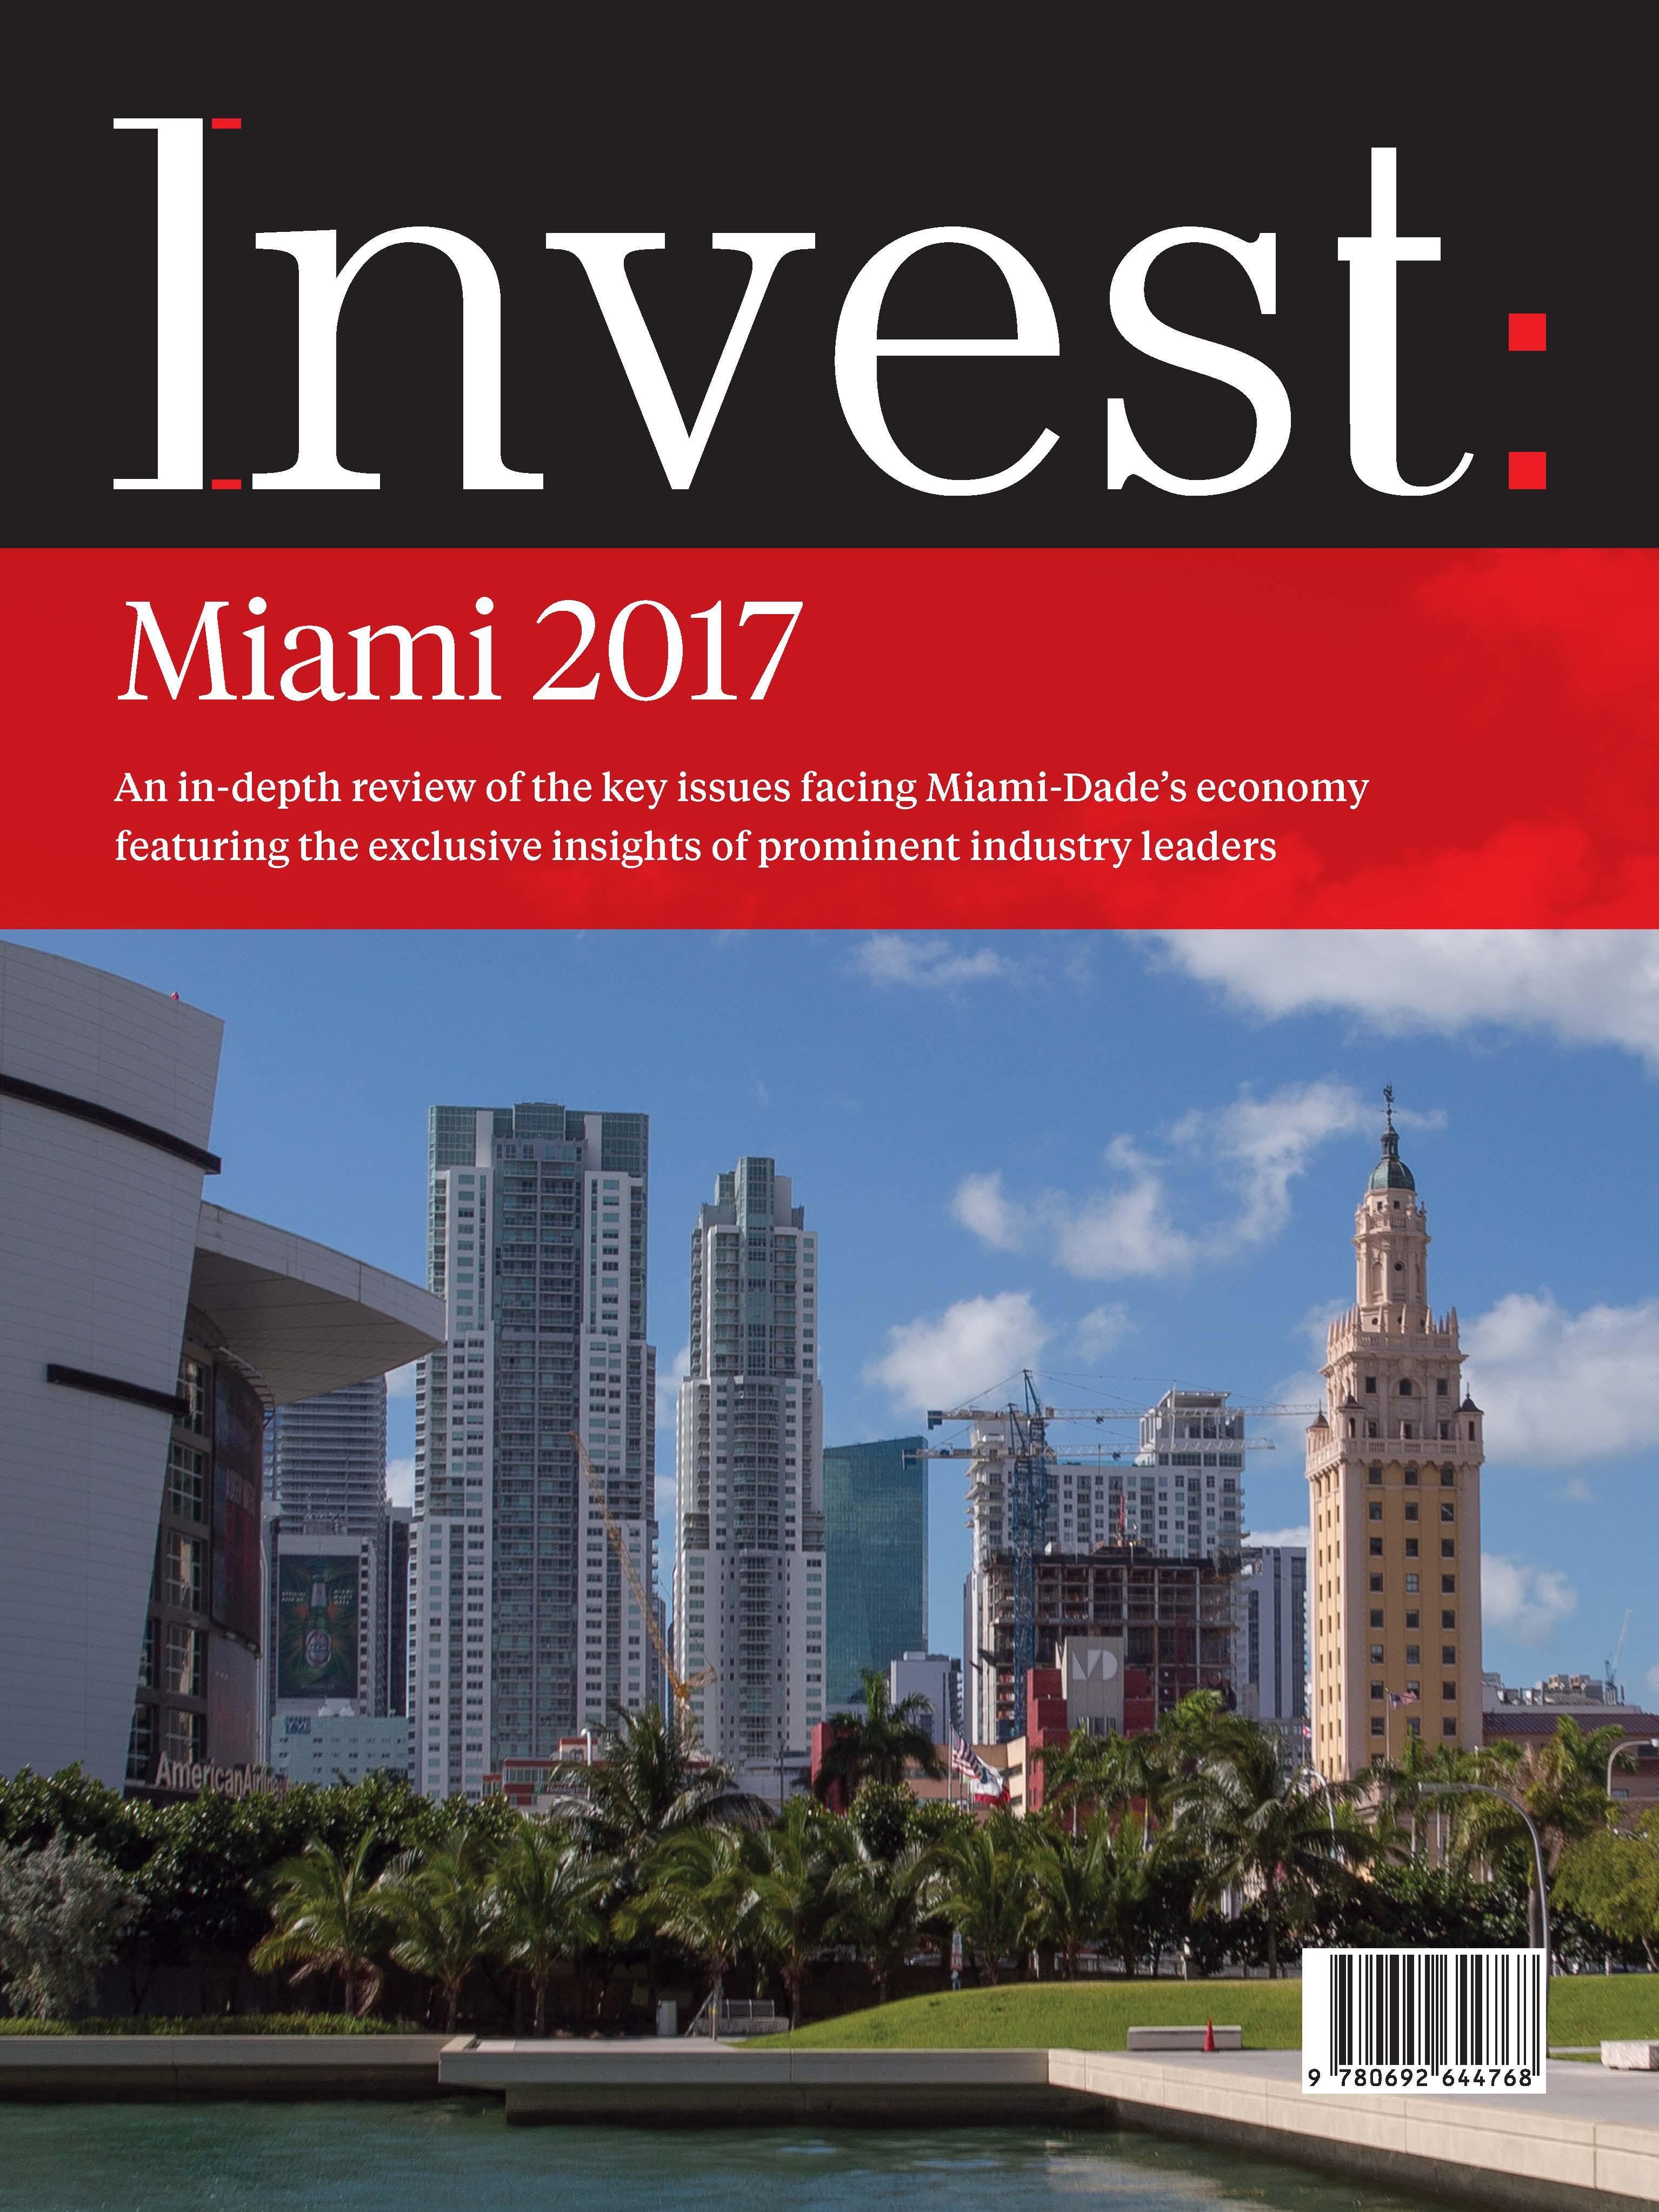 Invest: Miami 2017